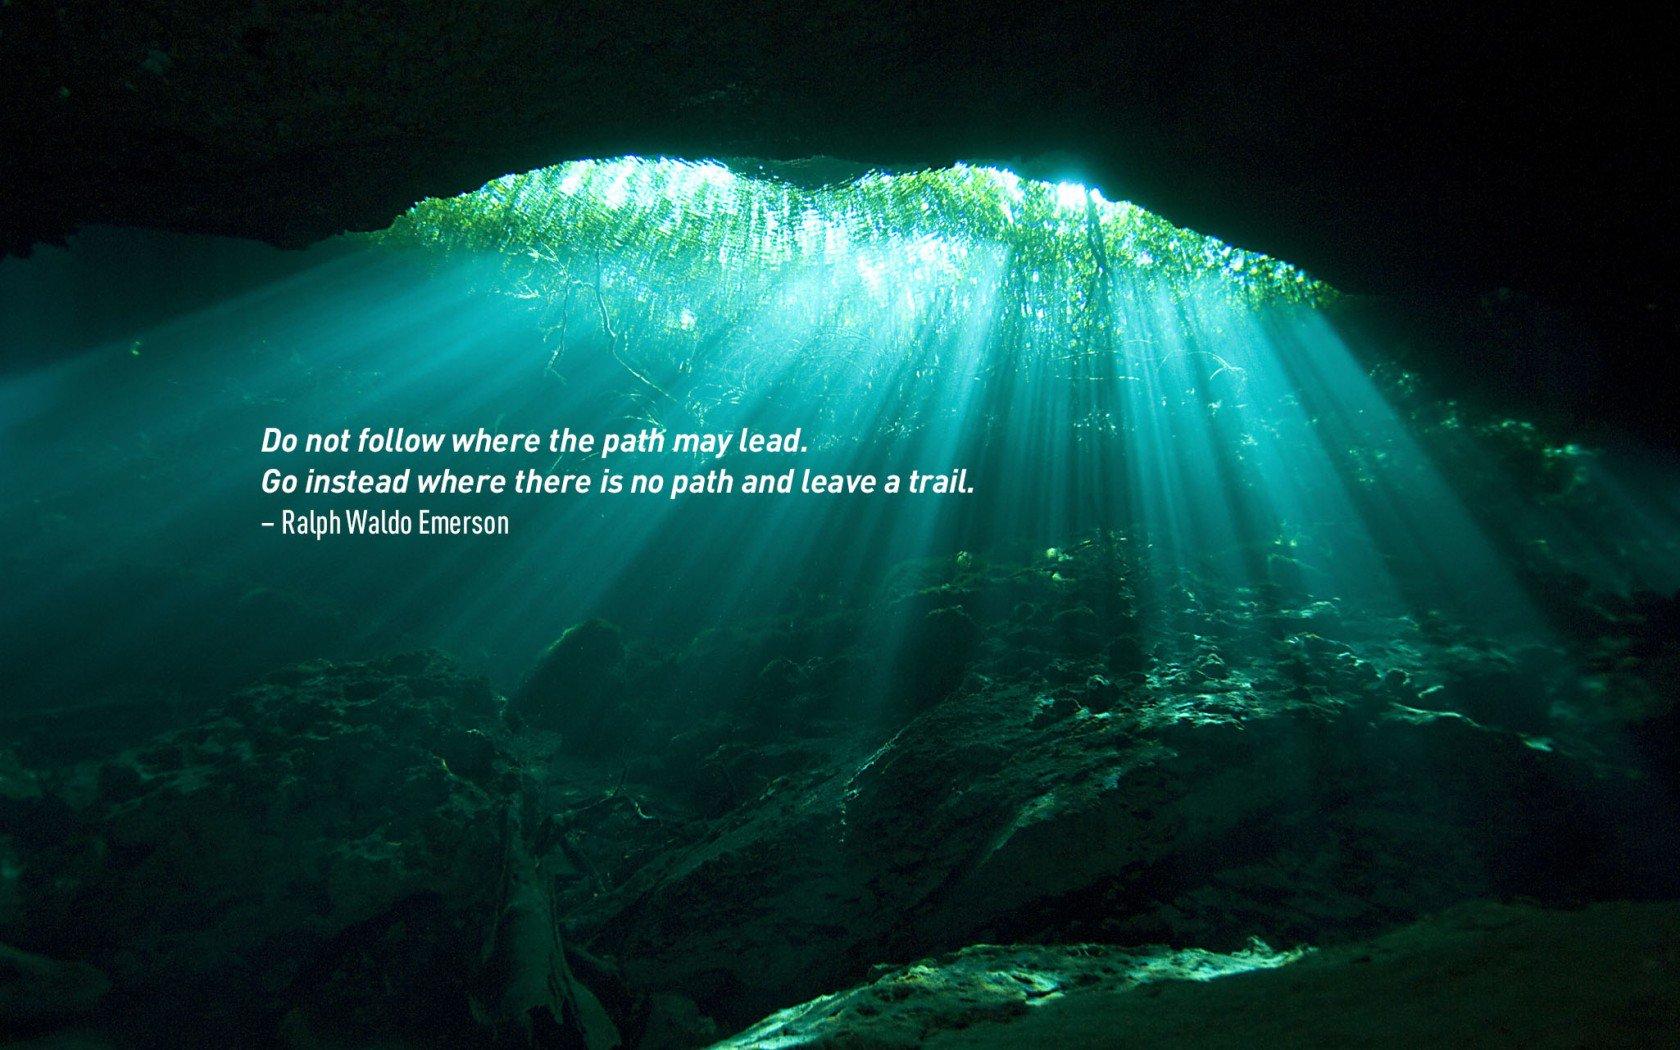 Citation de voyage par Ralph Waldo Emerson.